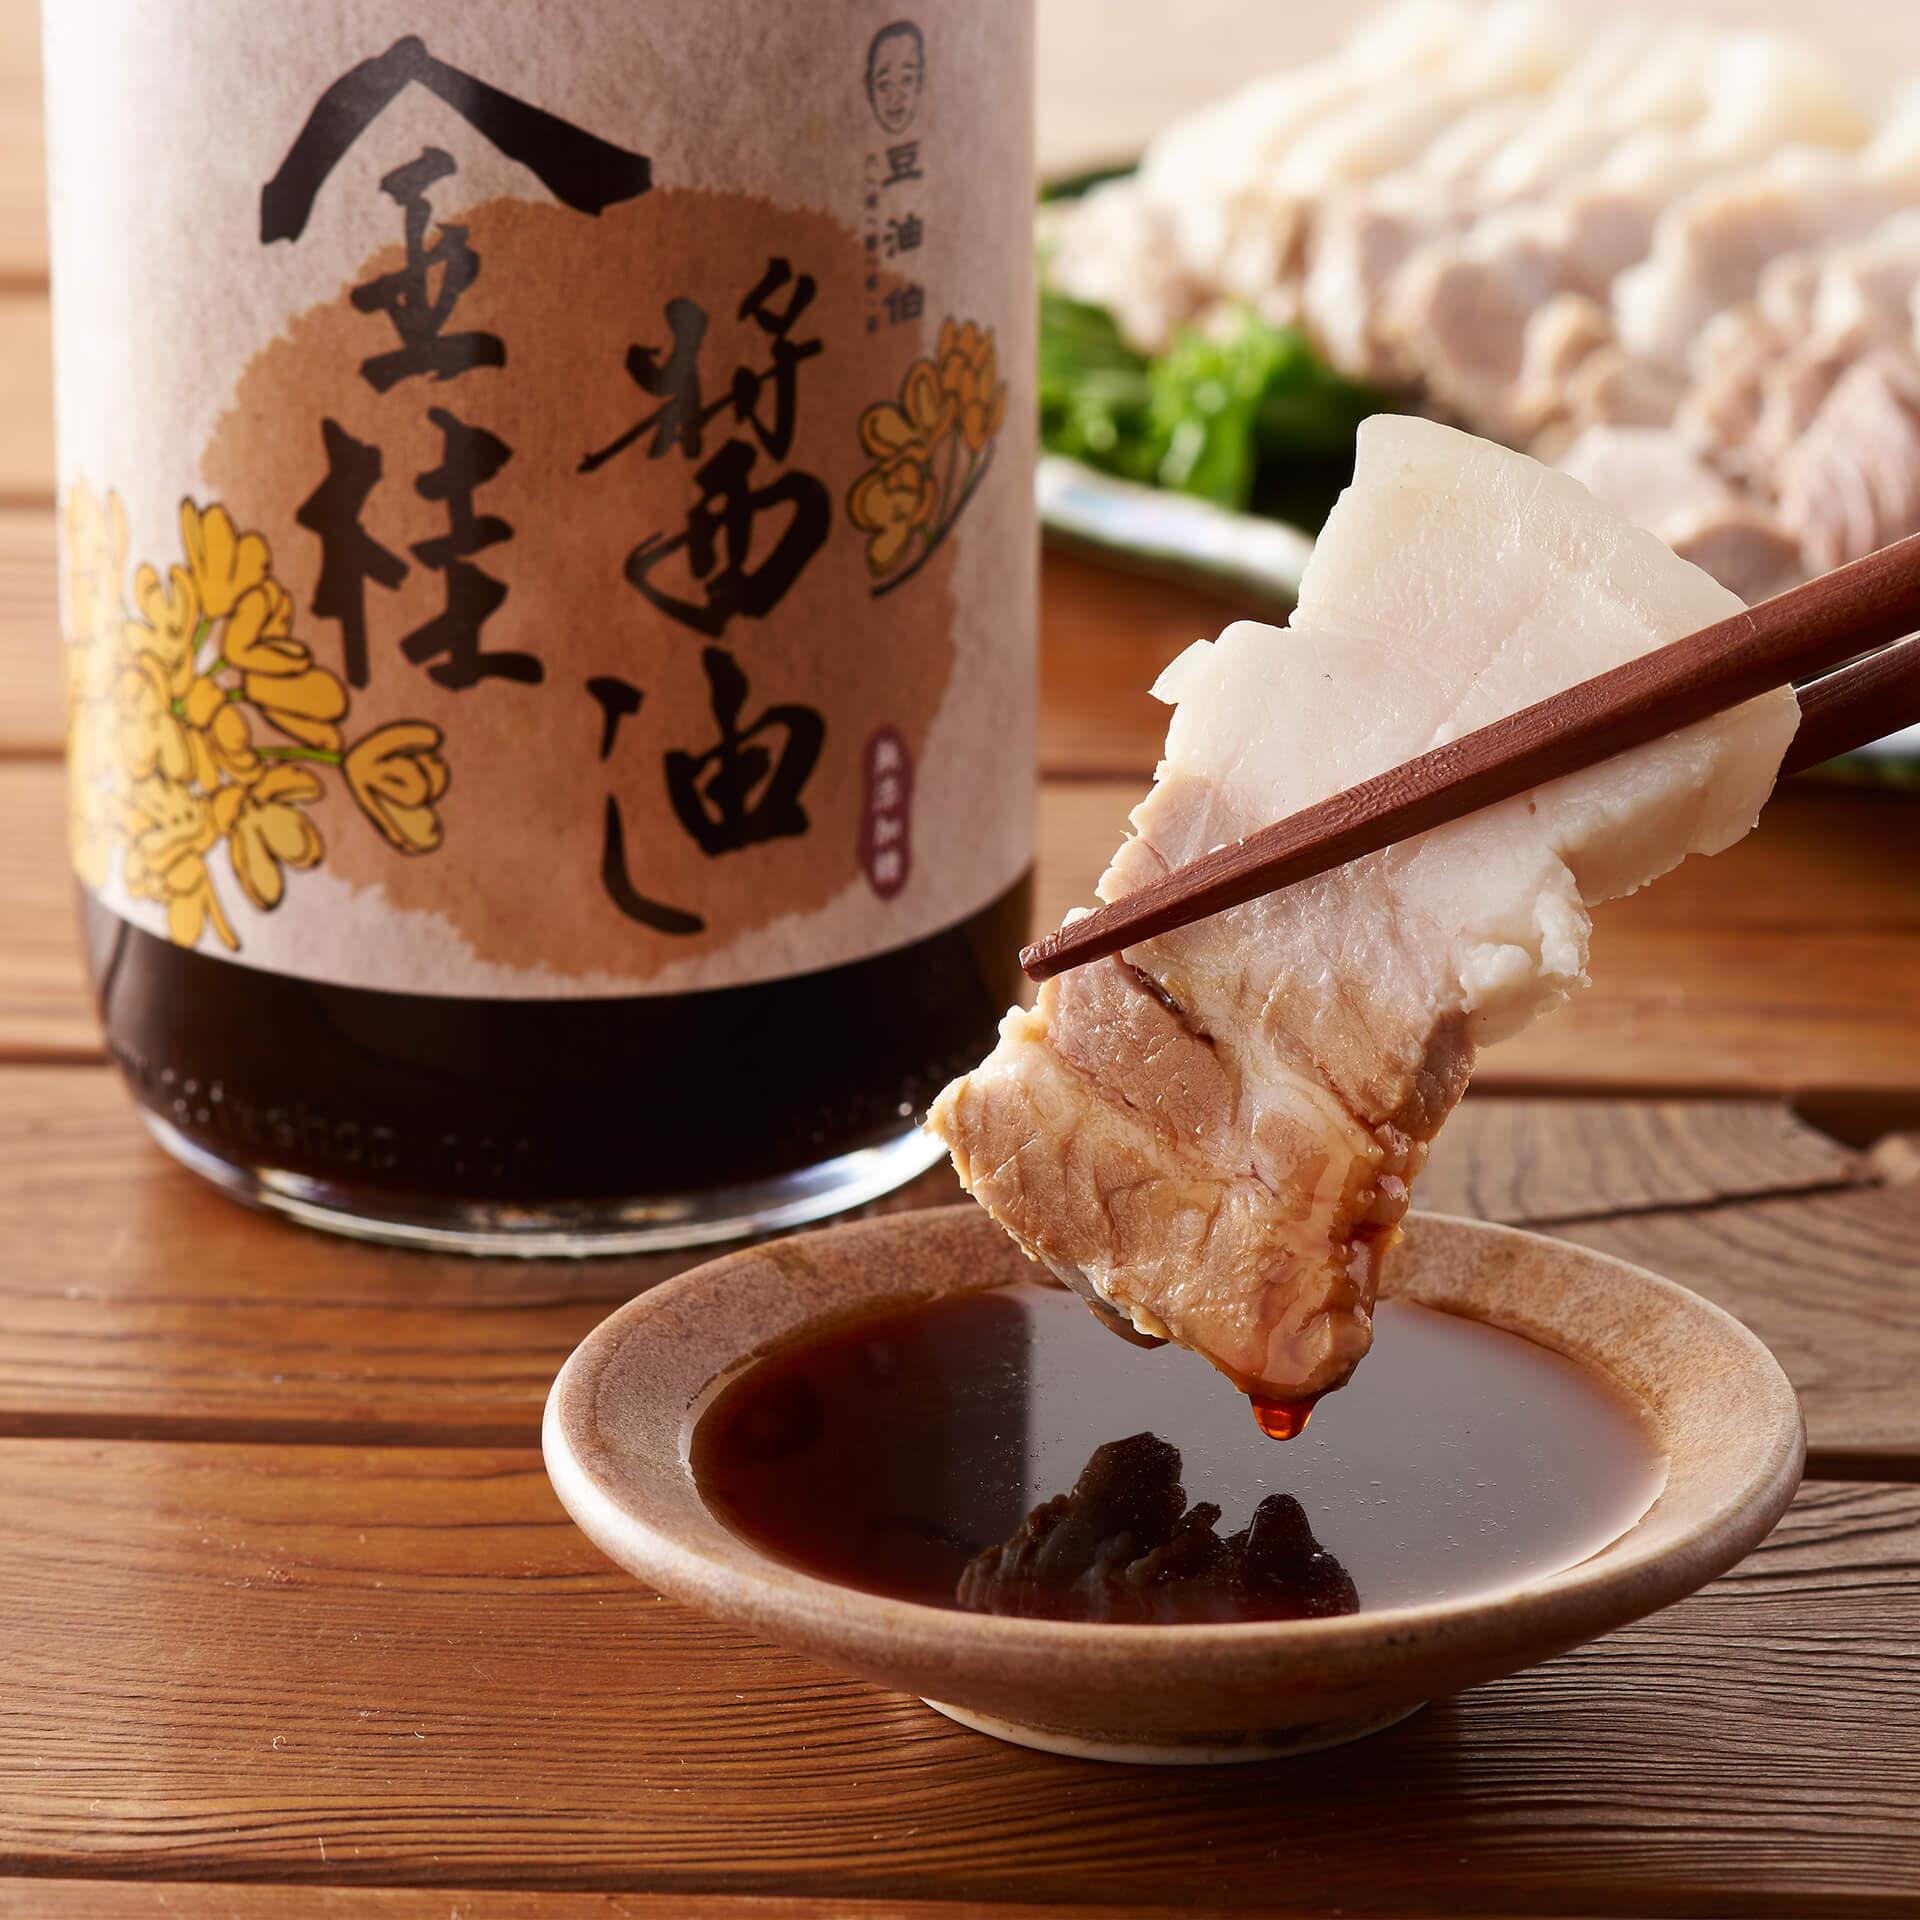 【箱購限量組合】金桂釀造醬油(無添加糖黑豆醬油)12入+WMF 單手鍋(14CM)